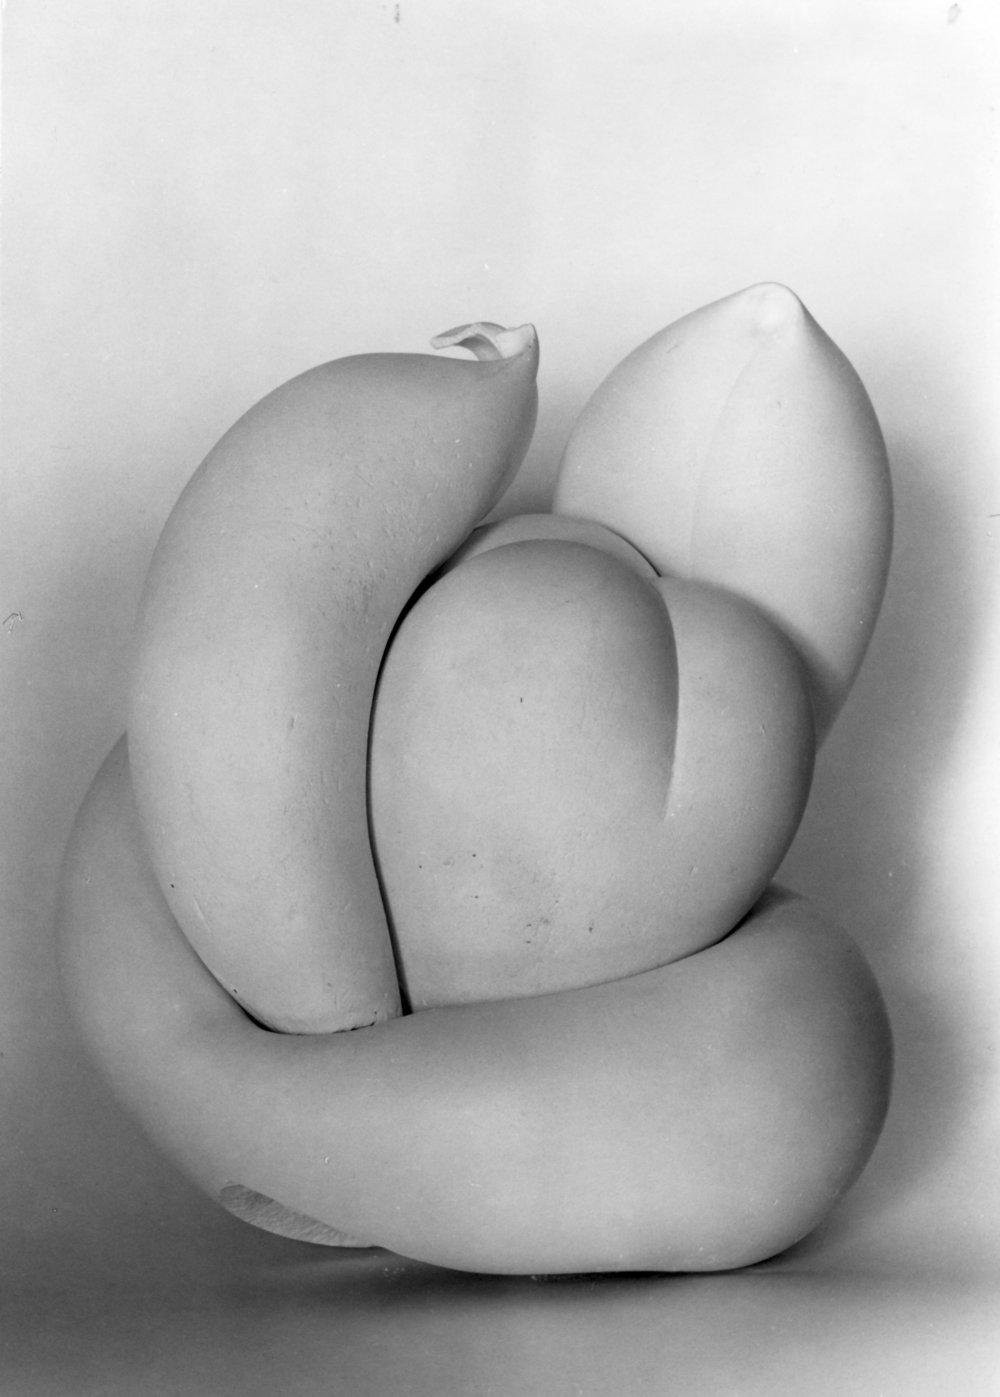 Štvordielna plastika III. - Klíčenie, 1966. Foto - Gabriel Bodnár